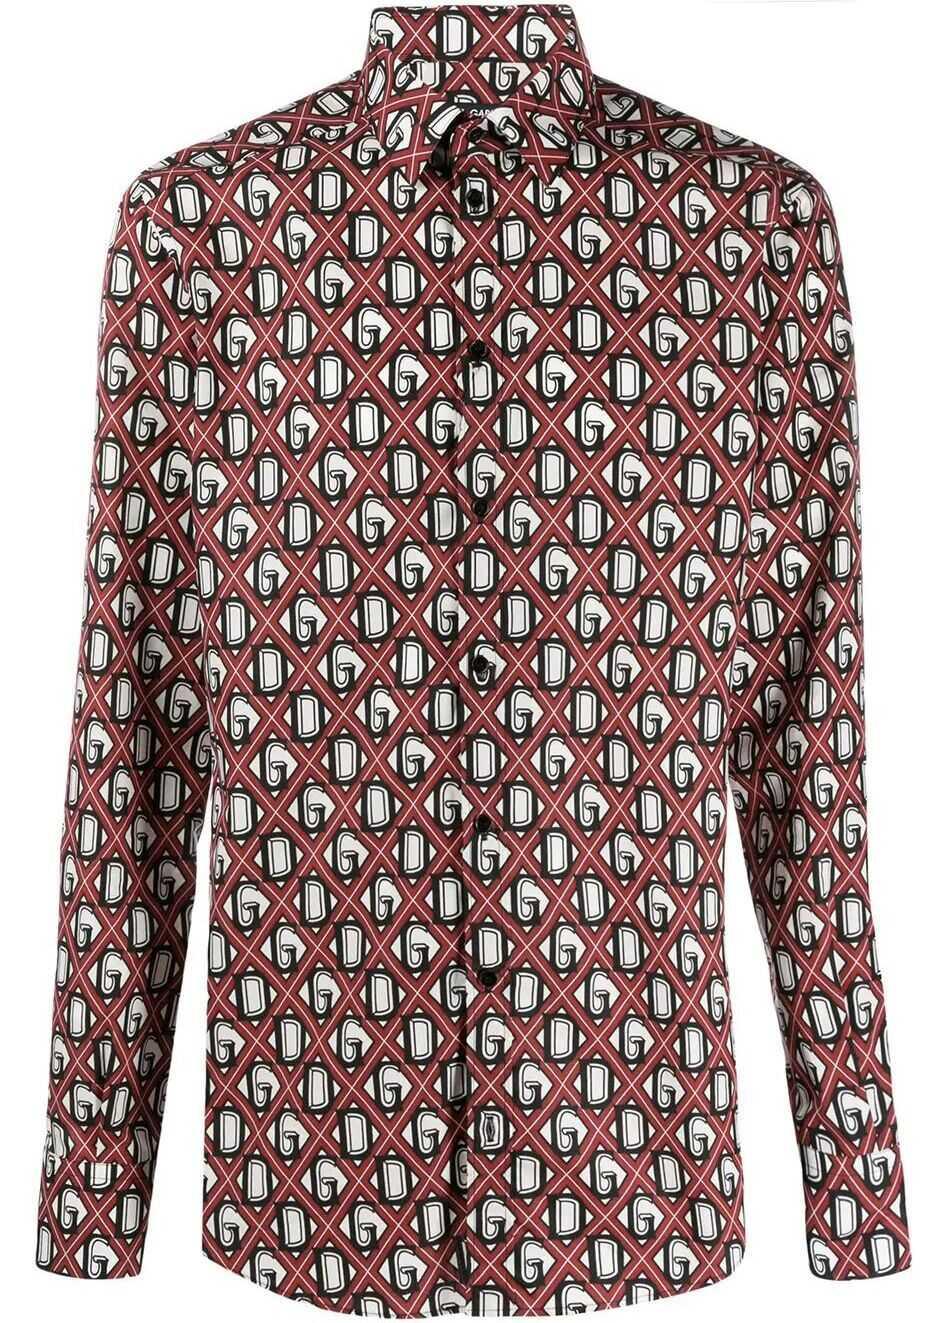 Dolce & Gabbana Cotton Shirt BURGUNDY